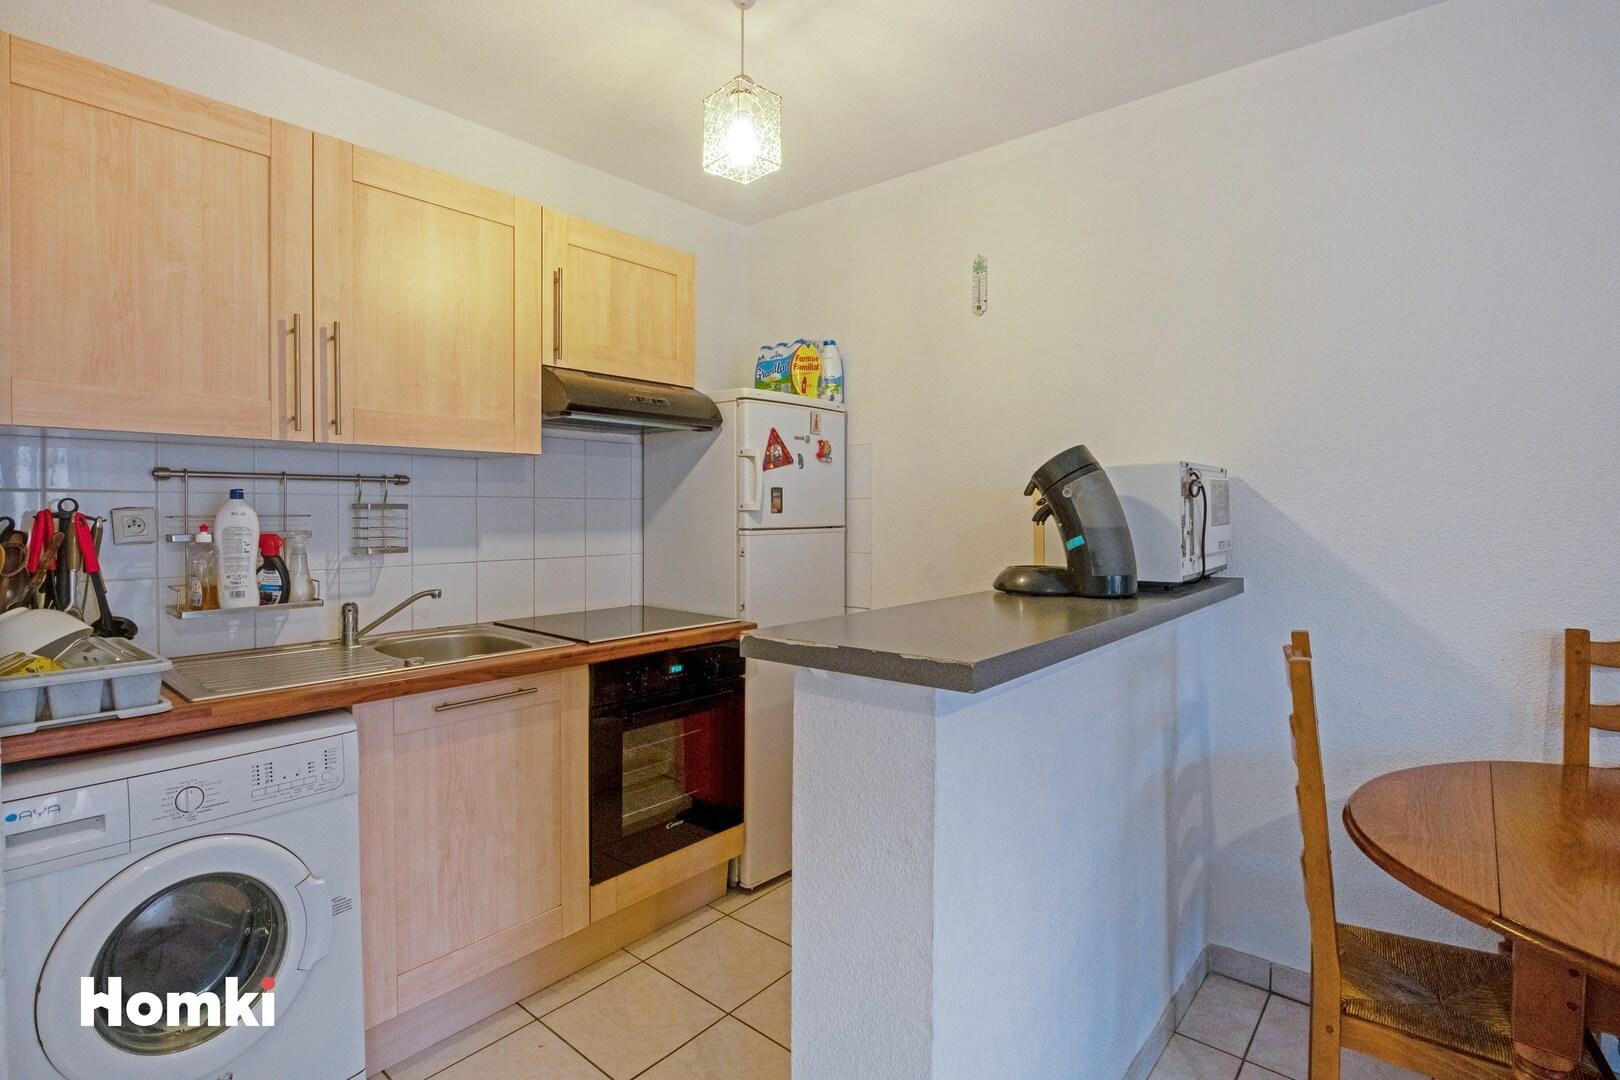 Homki - Vente Appartement  de 49.0 m² à Toulouse 31200